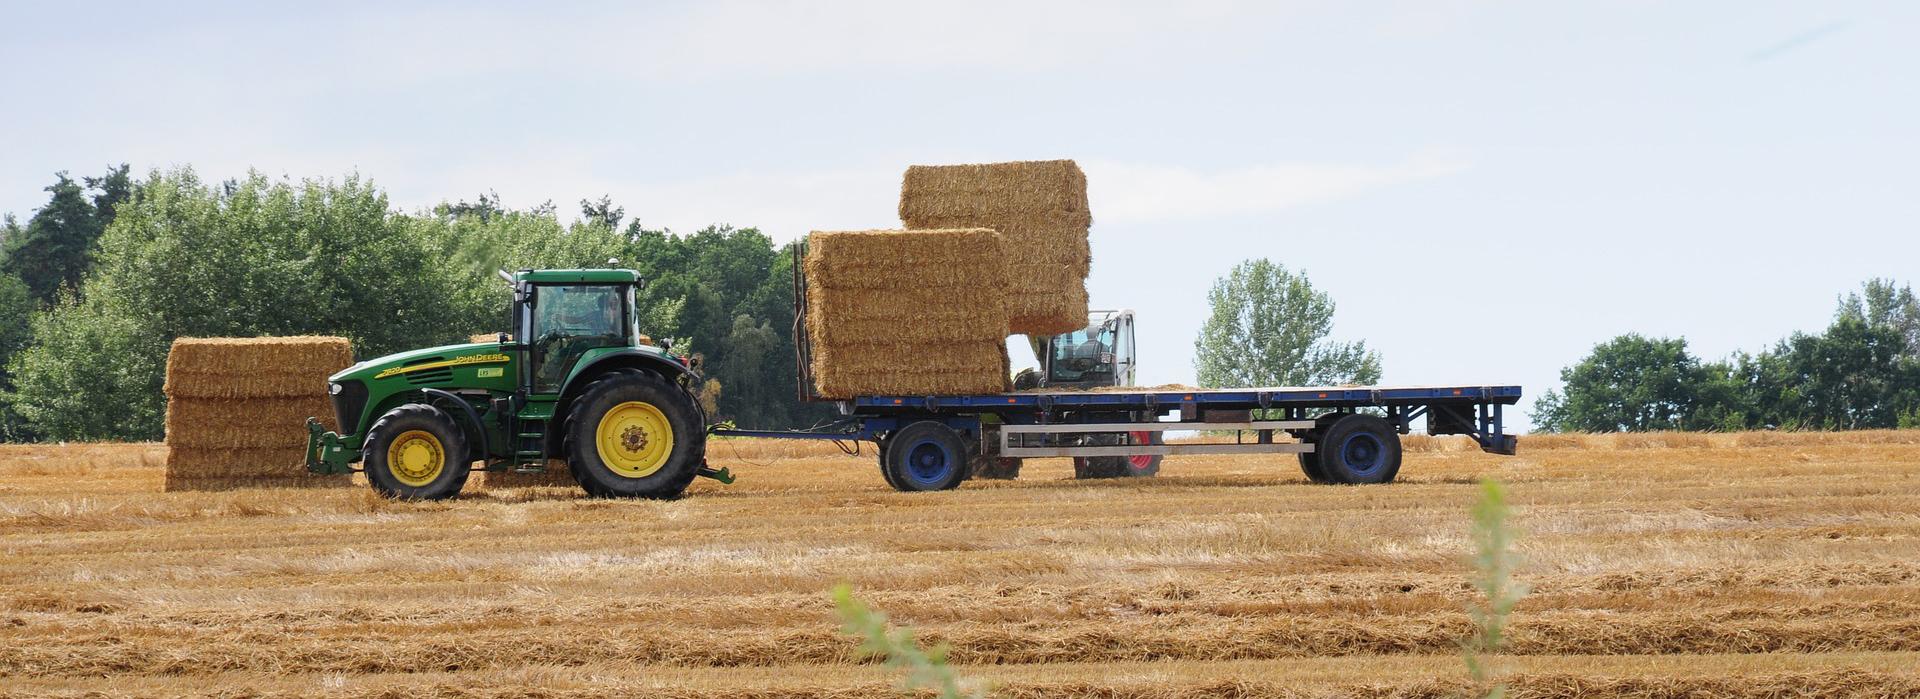 Tractor in a Farm, Pueblo Colorado - CarDonations4Cancer.org